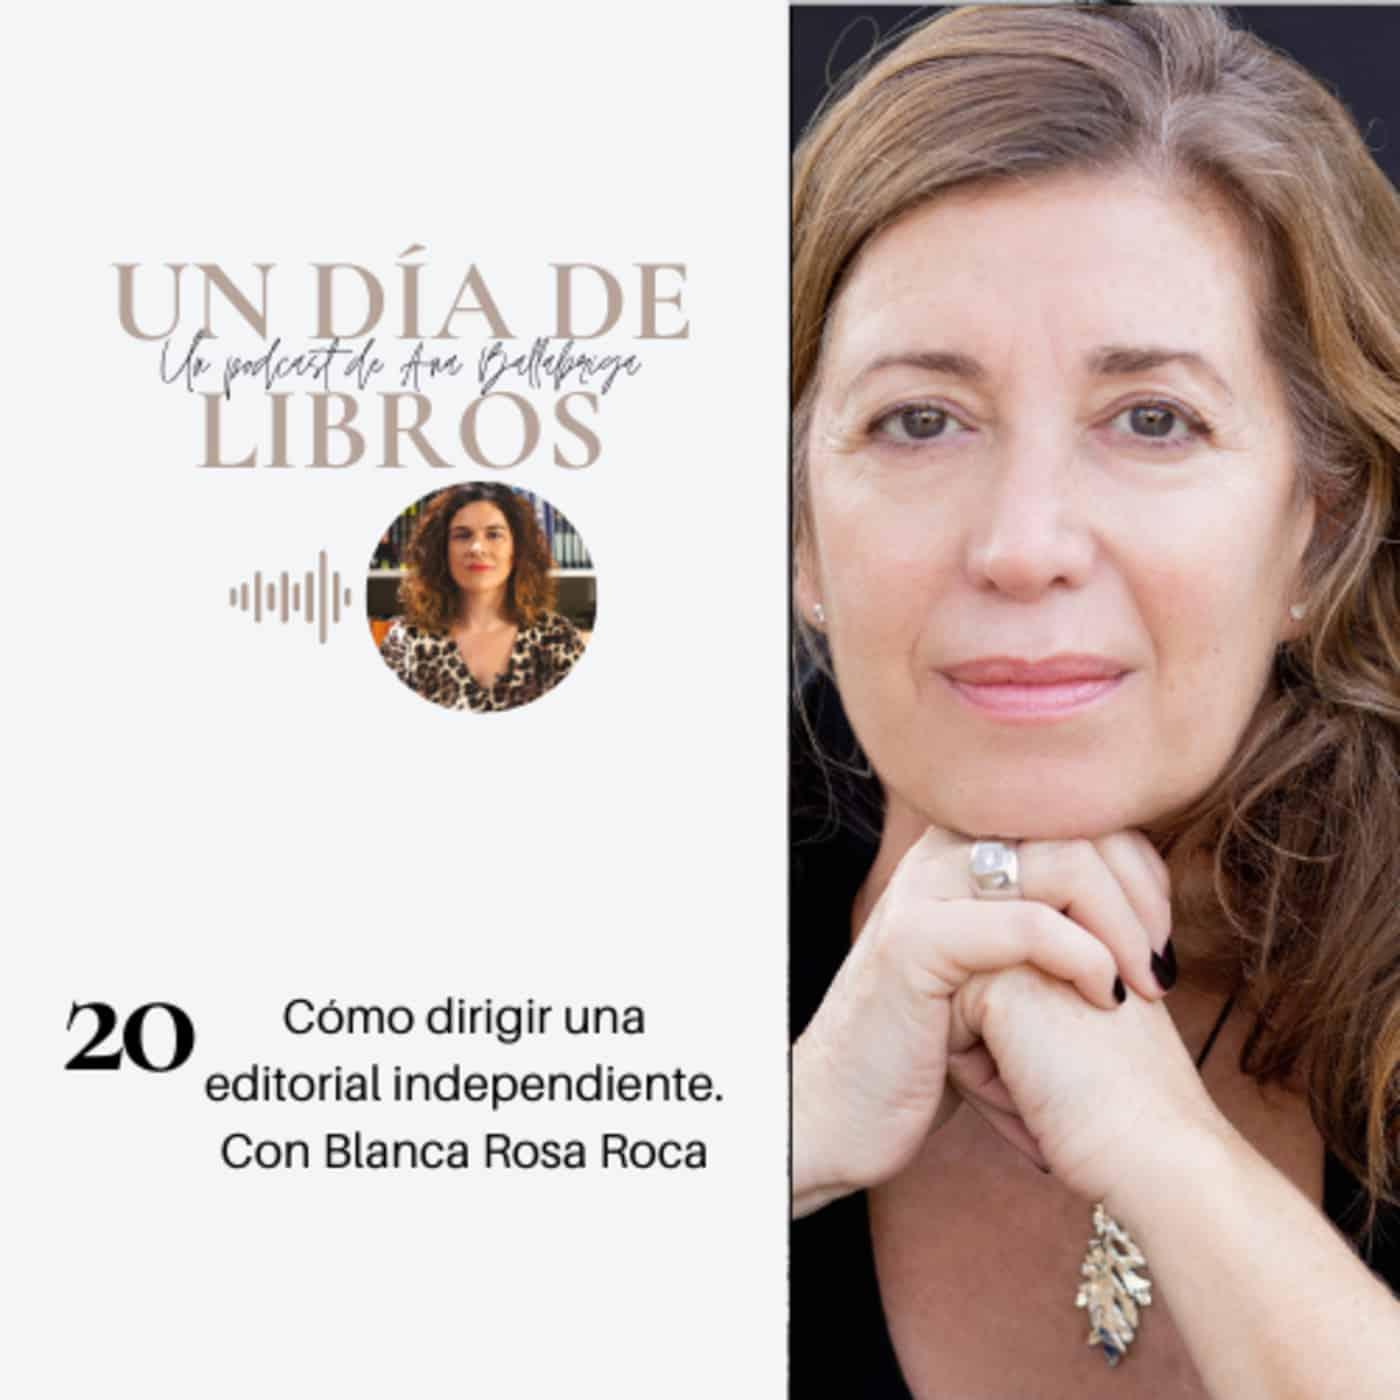 Cómo dirigir una editorial independiente. Con Blanca Rosa Roca @blancarosaroca @rocaeditorial